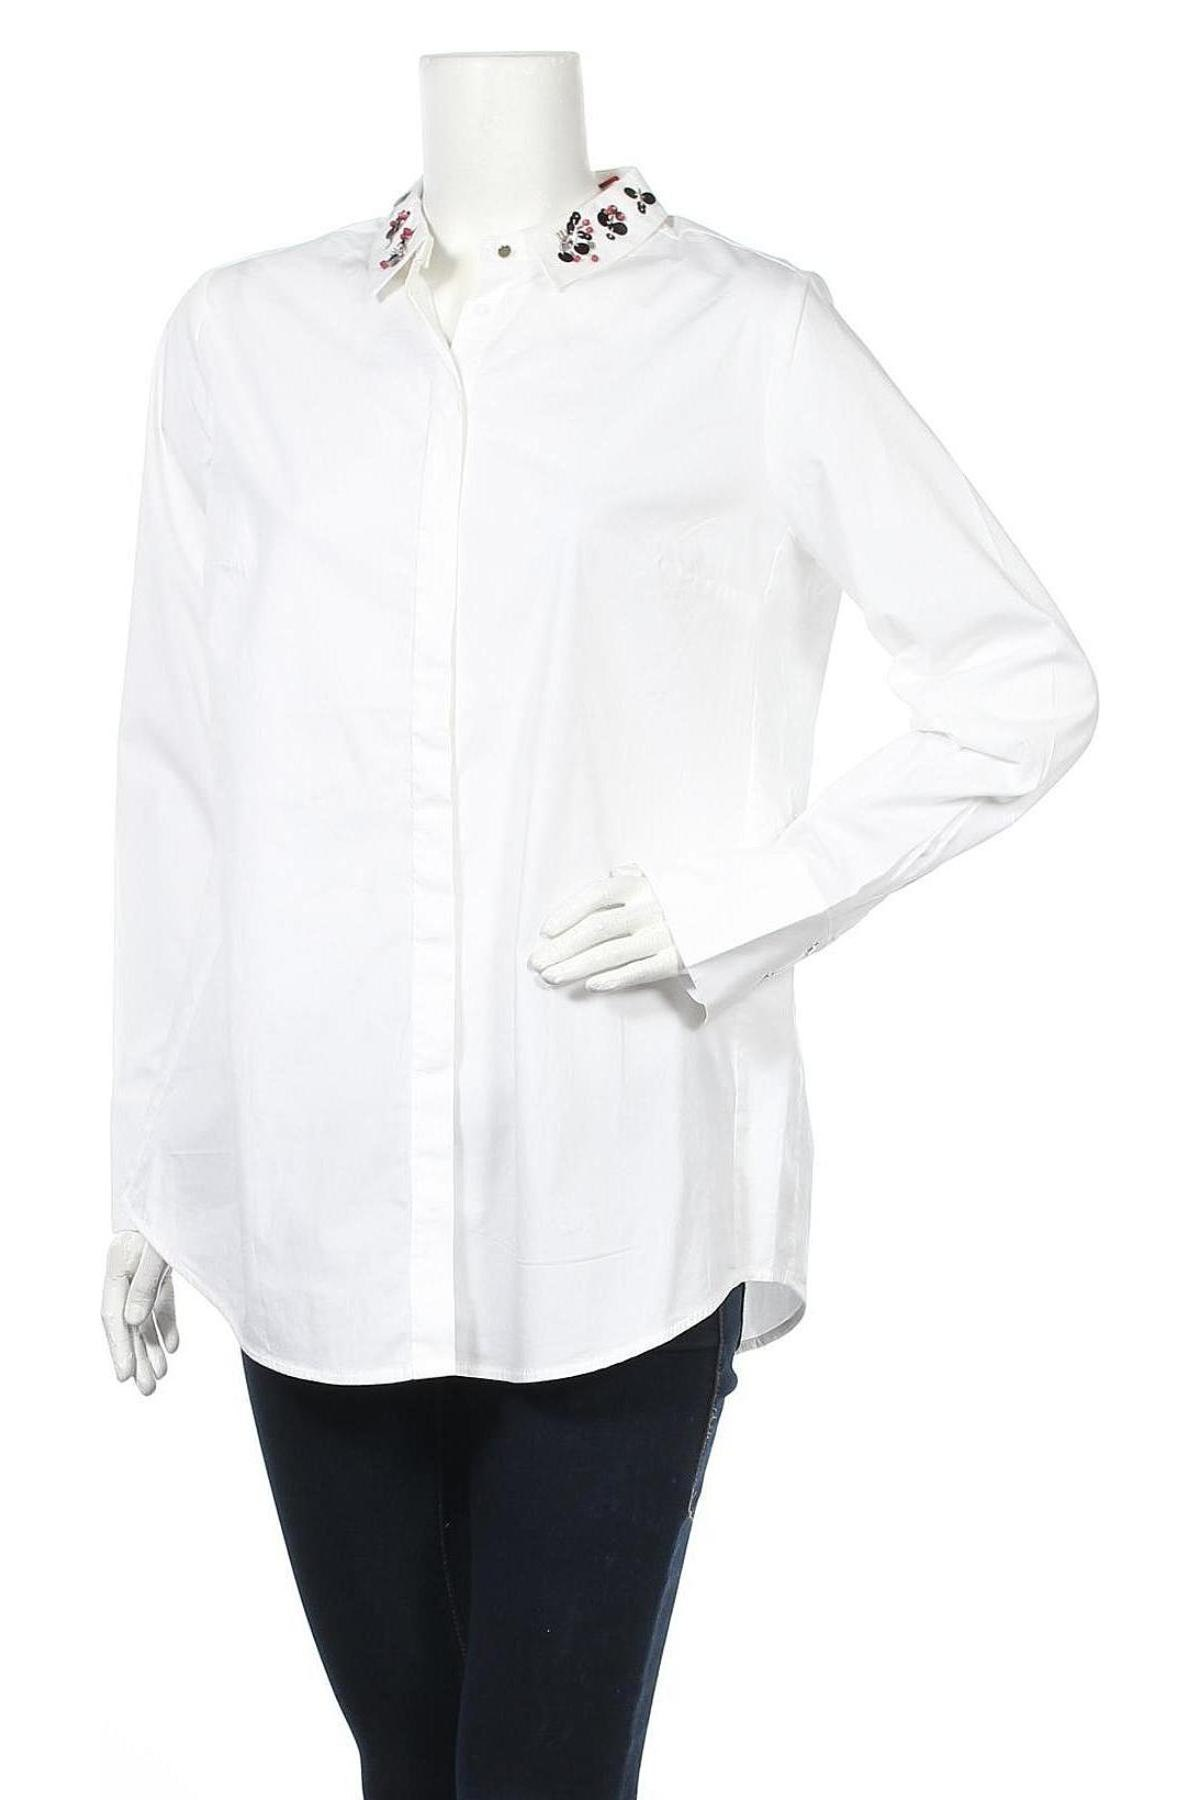 Γυναικείο πουκάμισο S.Oliver, Μέγεθος L, Χρώμα Λευκό, 97% βαμβάκι, 3% ελαστάνη, Τιμή 34,41€